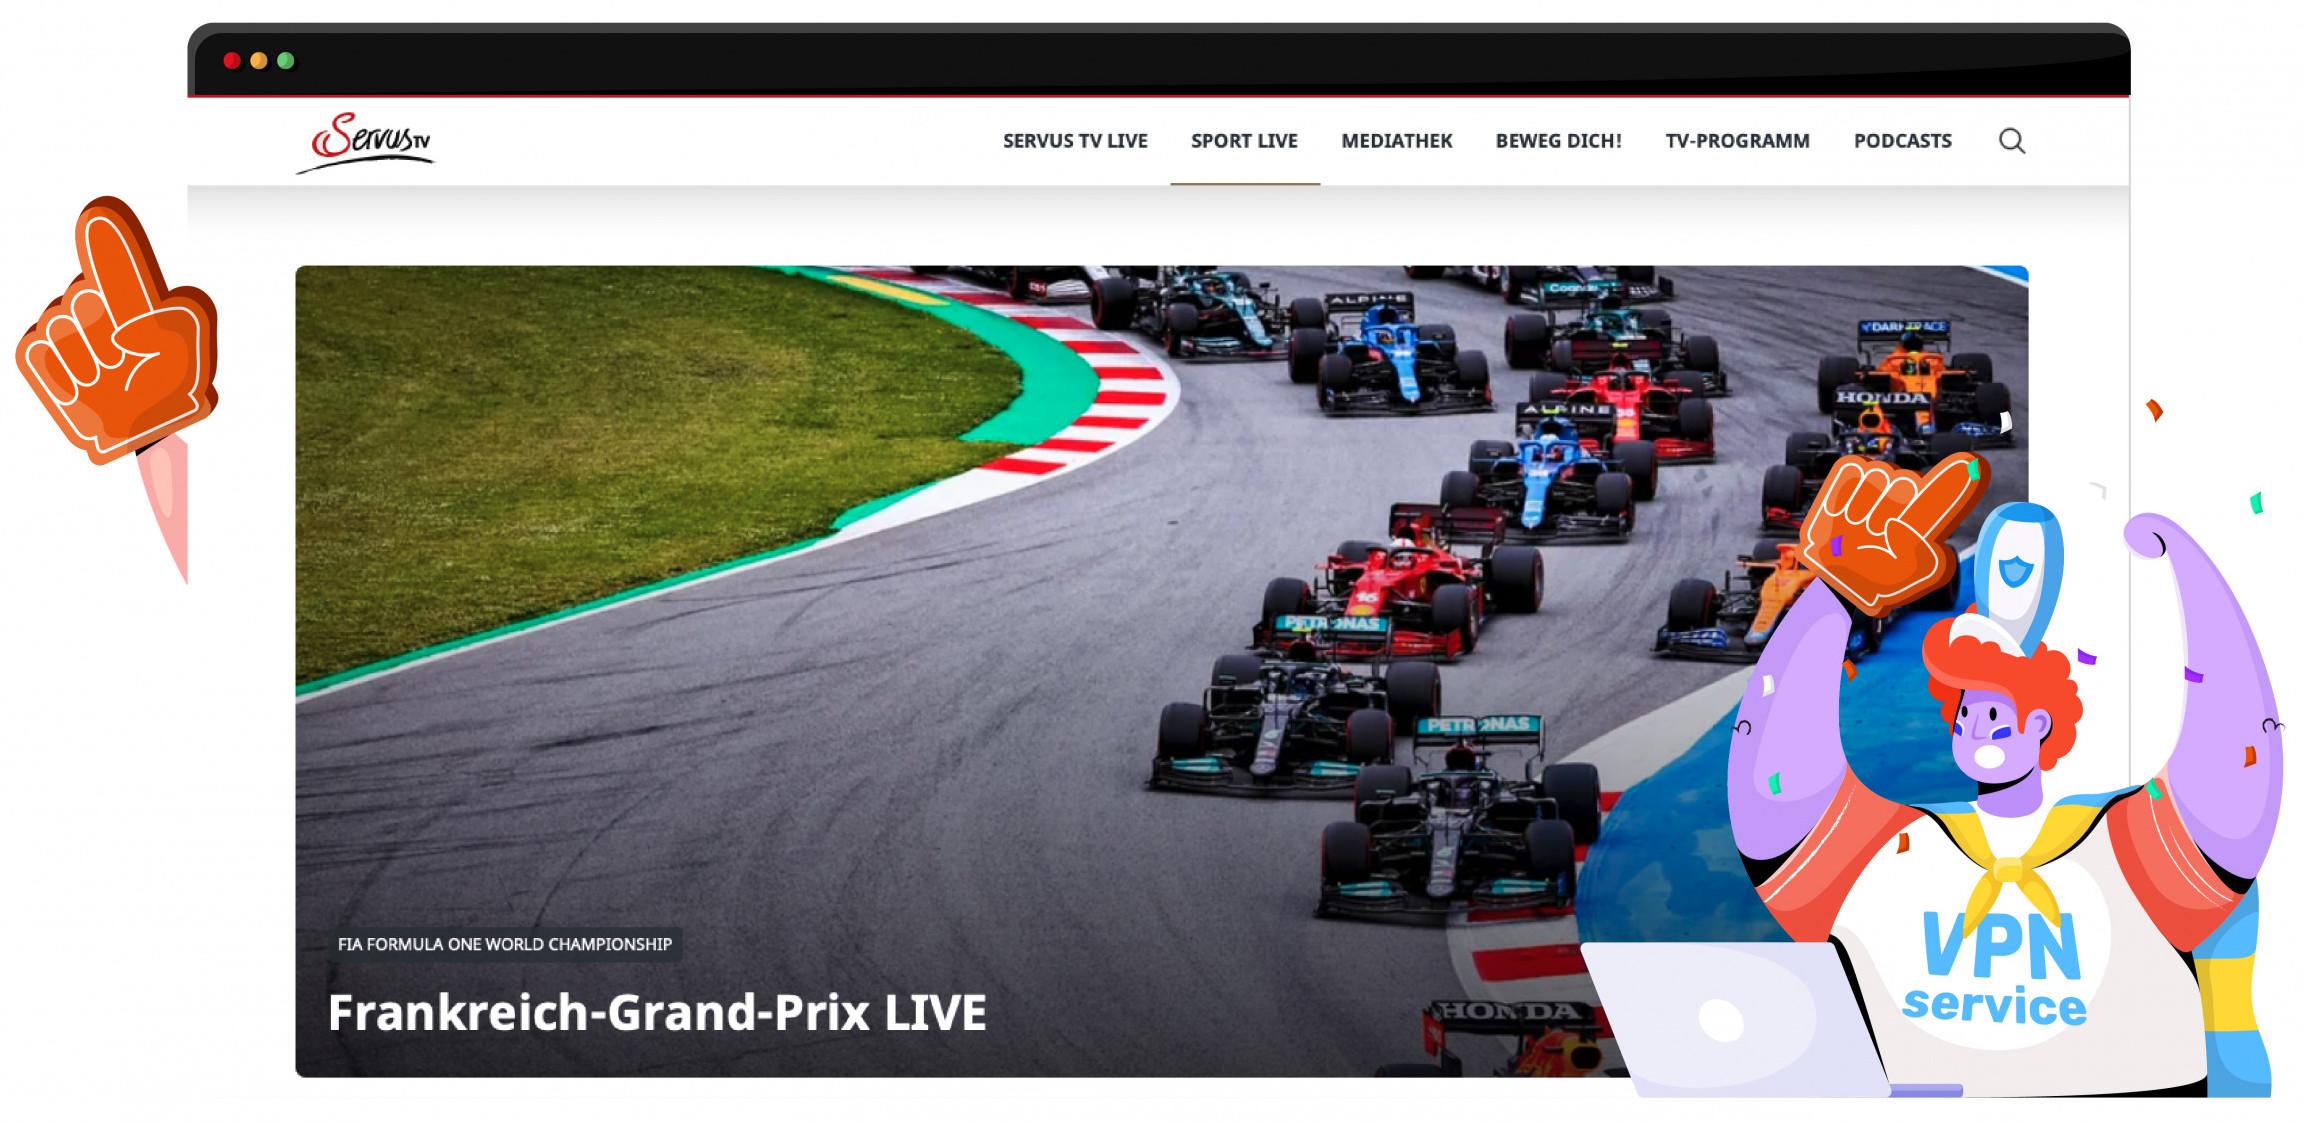 De Emirates Grand Prix wordt door Servus TV gestreamed